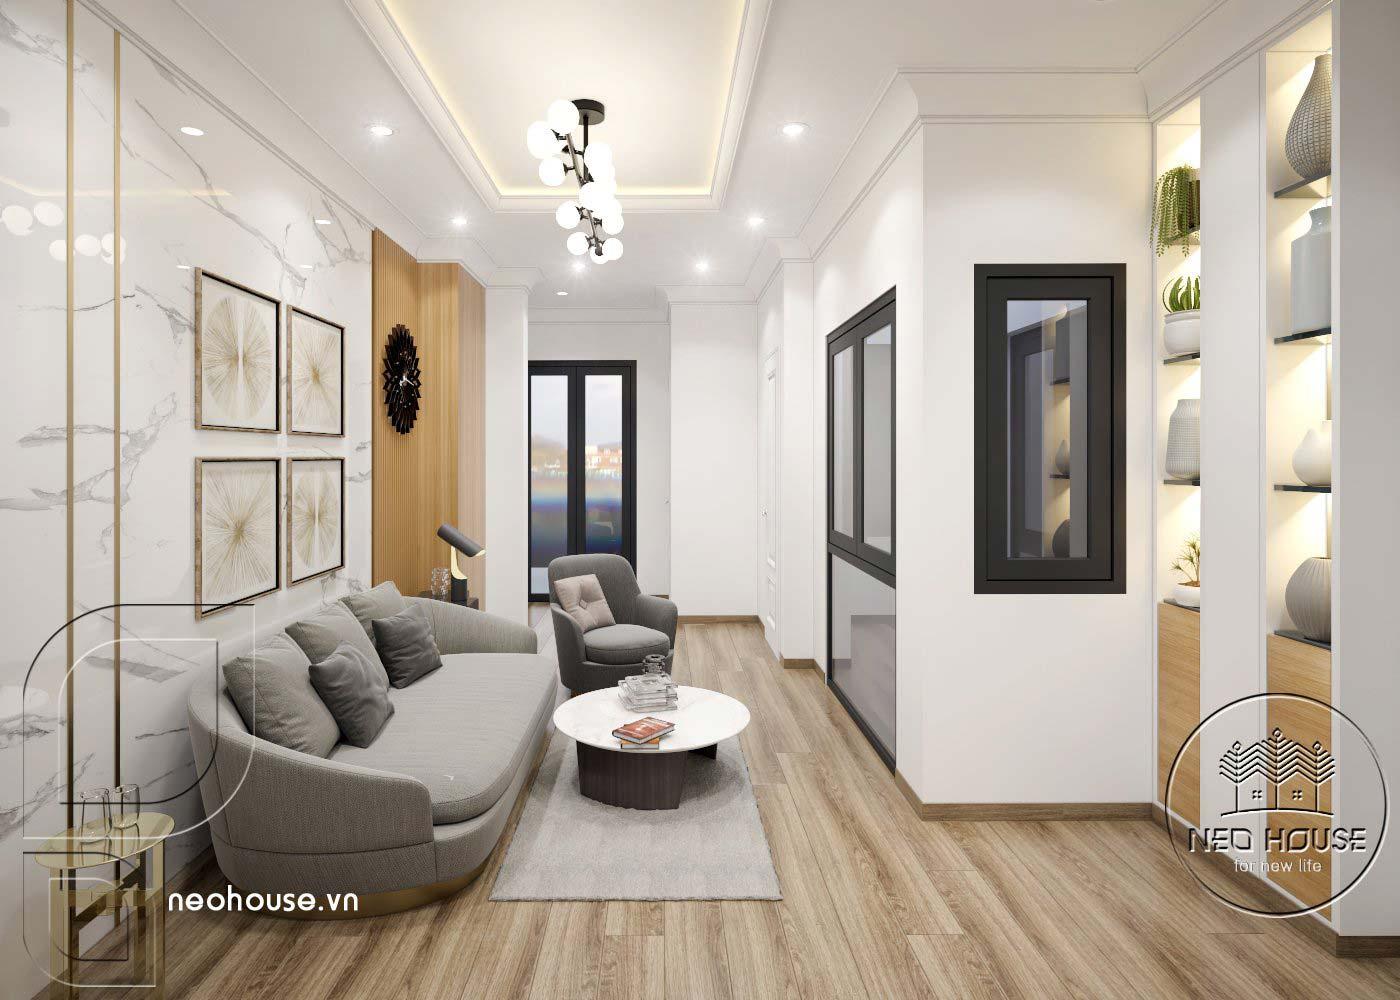 Thiết kế thi công cải tạo nhà phố 3 tầng với không gian nội thất phòng sinh hoạt chung. Ảnh 1